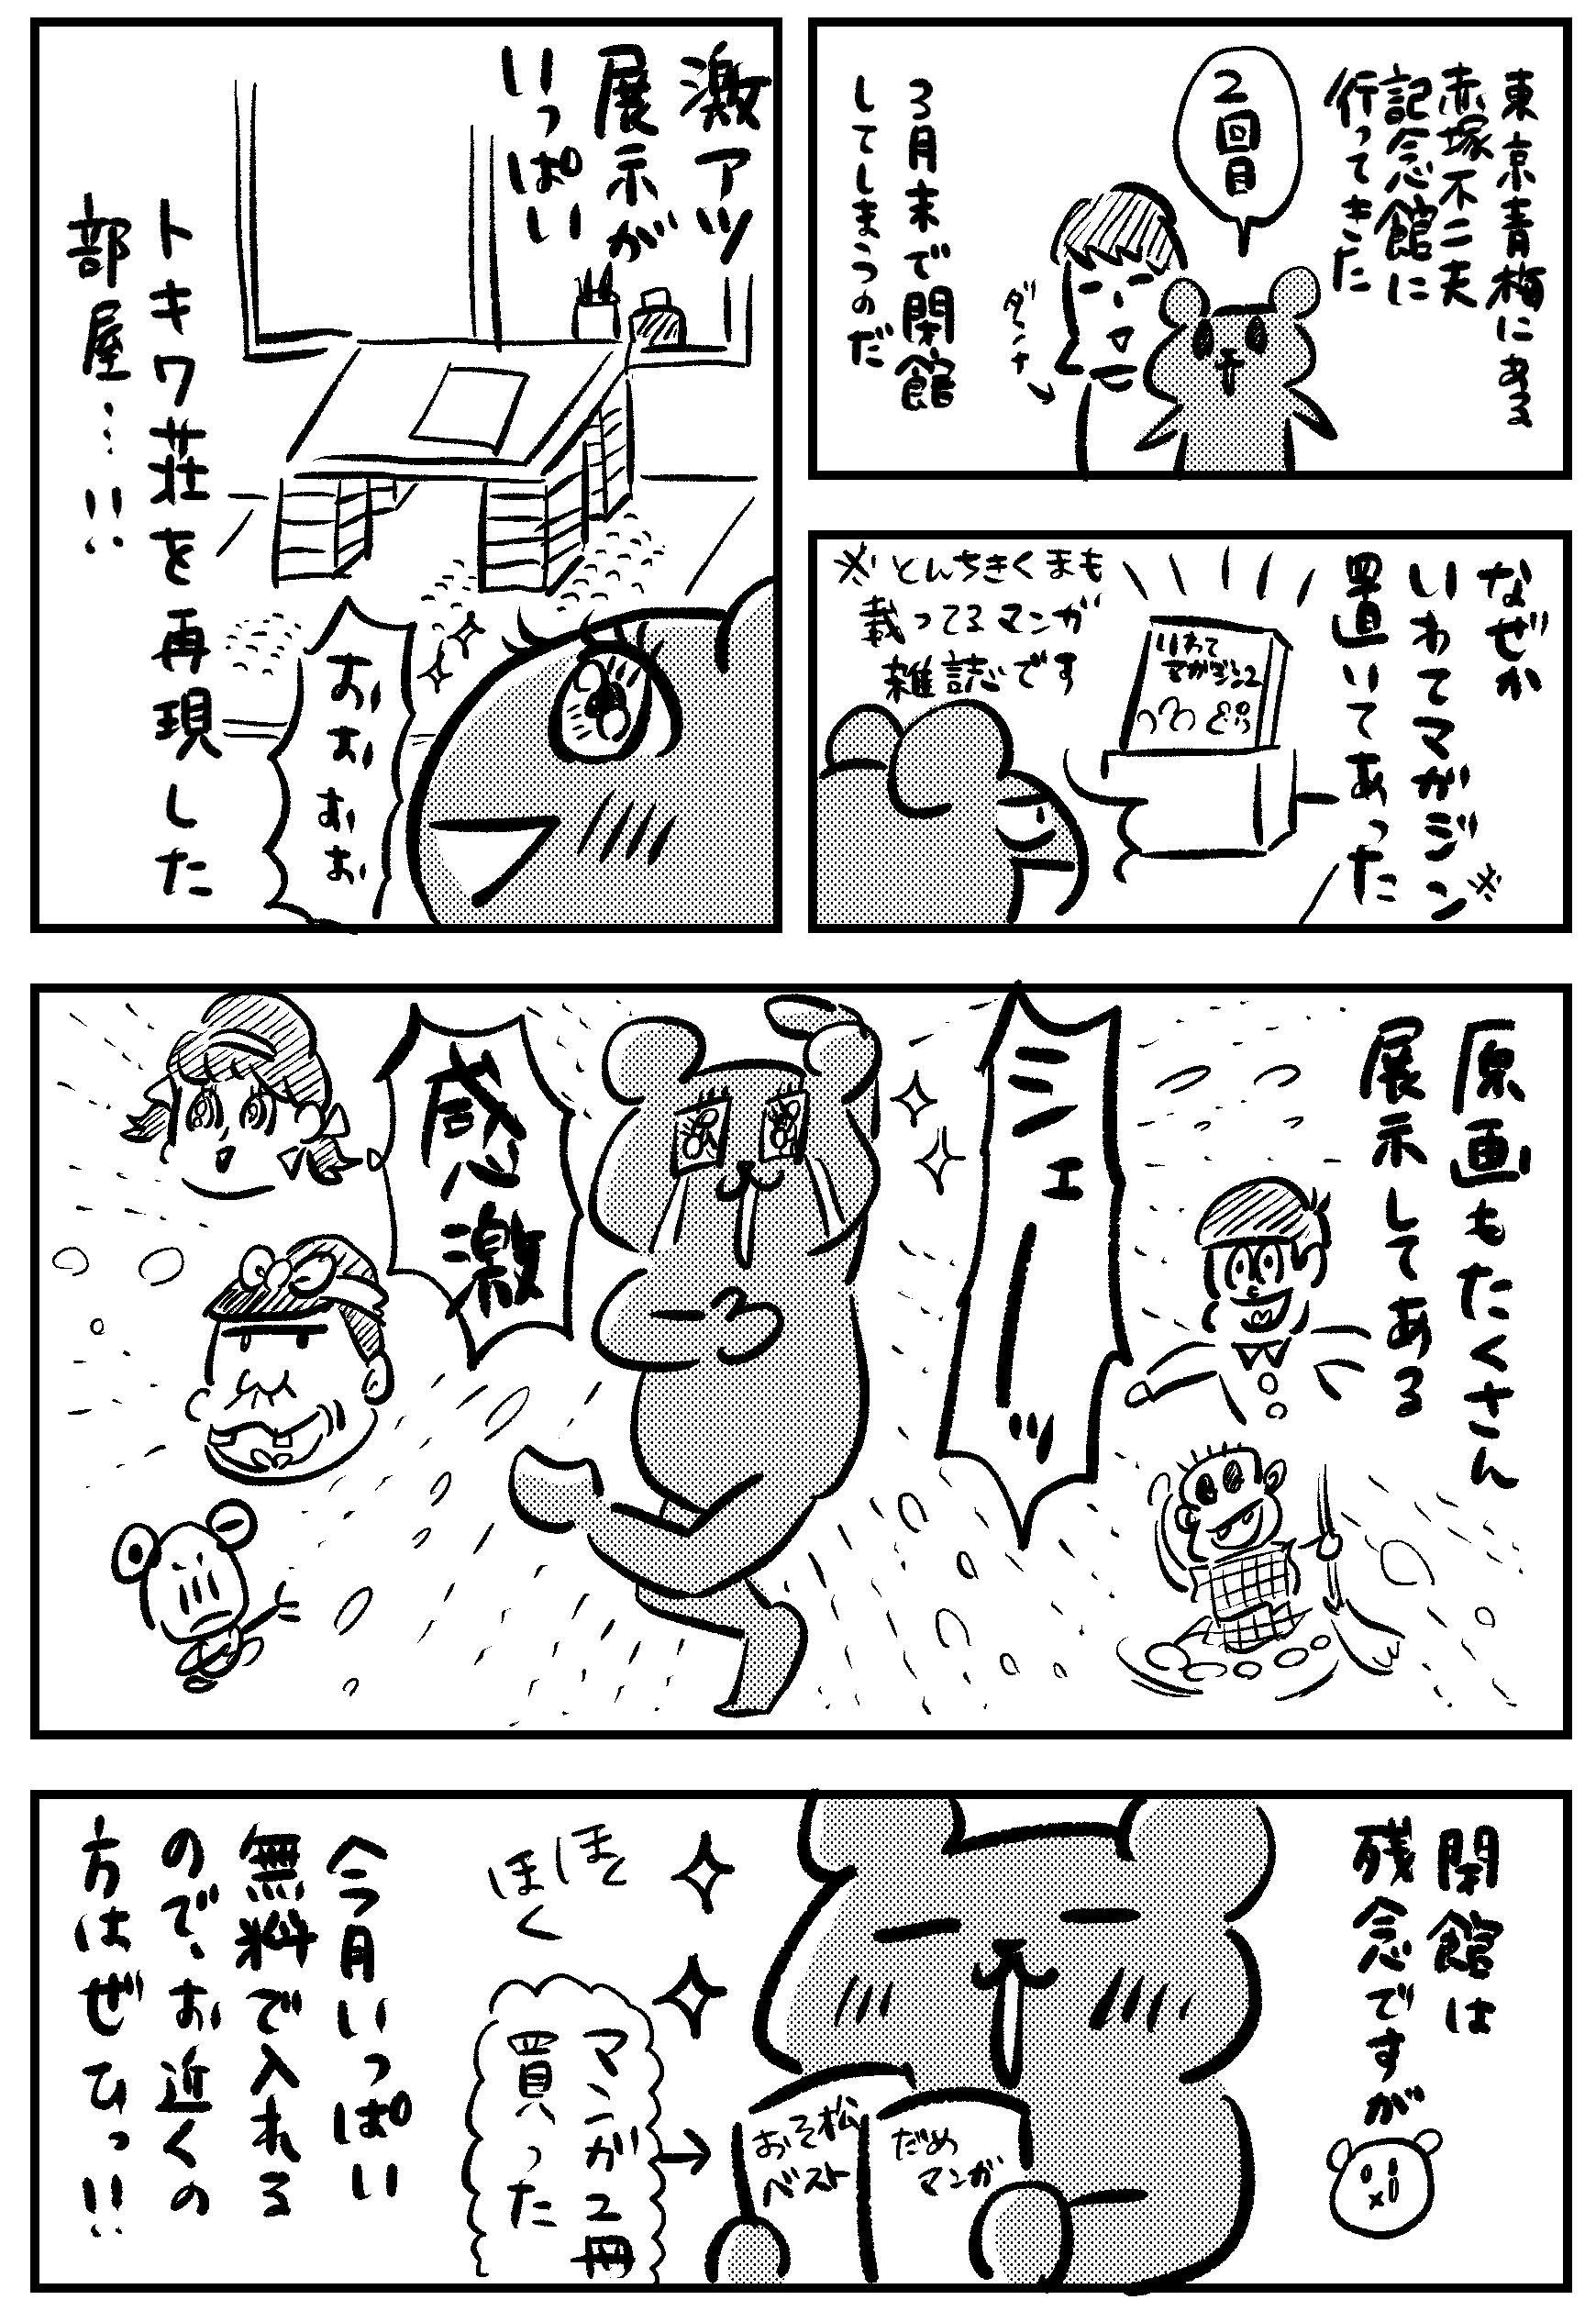 青梅赤塚不二夫記念館